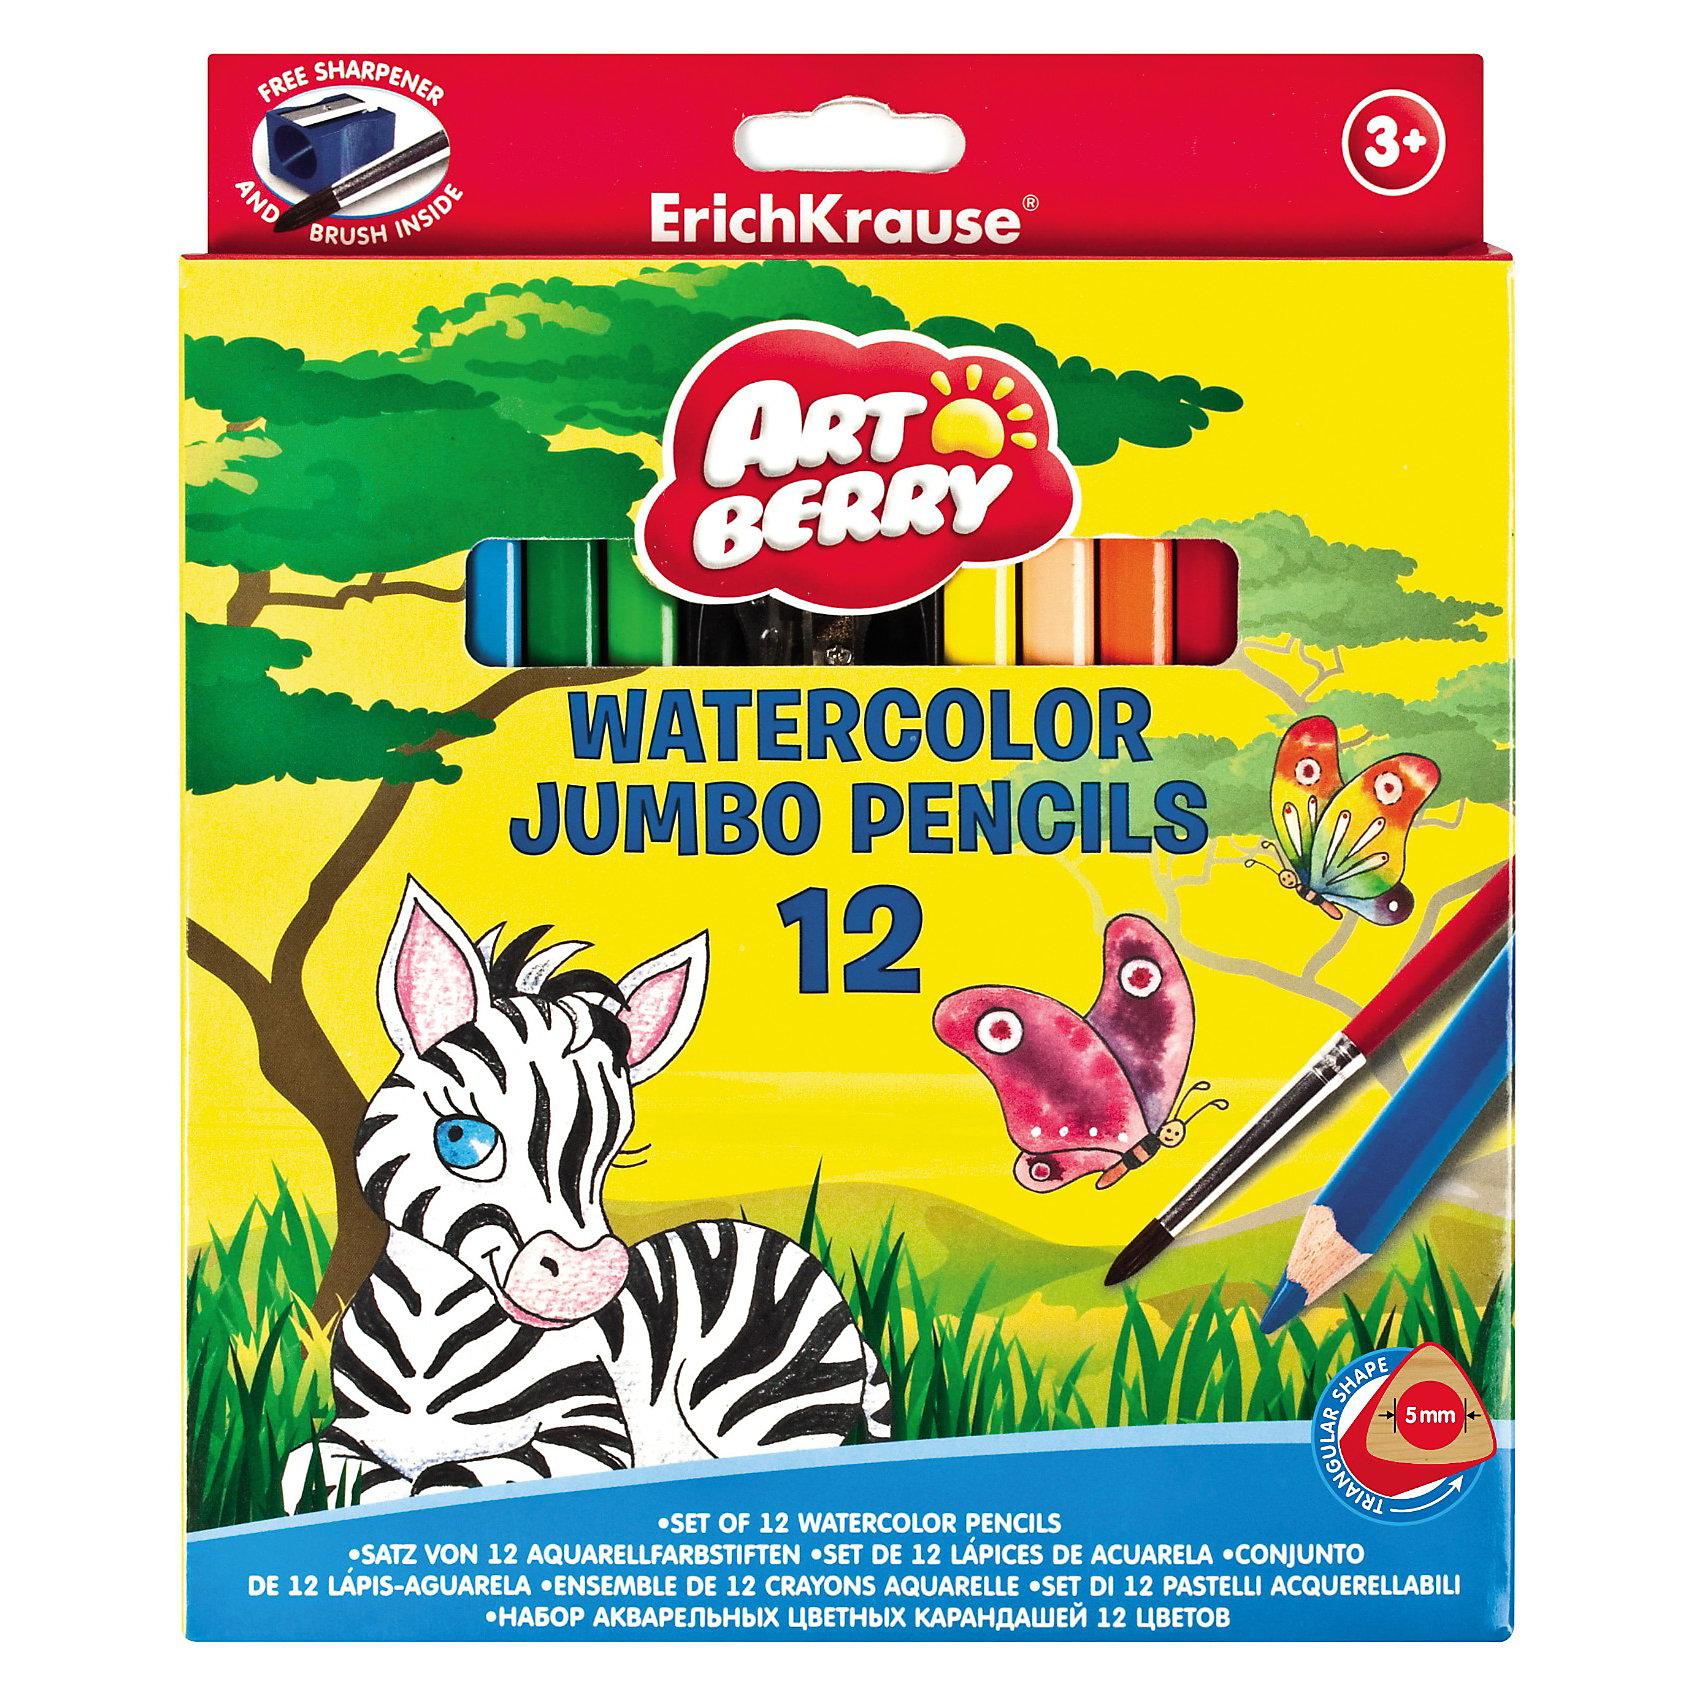 Карандаши акварельные треугольные с точилк и кисточкой Artberry, 12цвЦветные акварельные карандаши с утолщенным корпусом, 10 мм от Erich Krause (Эрих Краузе)  специально разработанны для маленьких детей!<br><br>Дополнительная информация:<br><br>Грифель 5.8мм, <br>корпус треугольный, что позволяет правильно держать карандаш. <br>Точилка и кисточка в комплекте. <br><br>Грифели не крошатся при рисовании, при падении не трескаются.<br><br>Ширина мм: 180<br>Глубина мм: 10<br>Высота мм: 210<br>Вес г: 185<br>Возраст от месяцев: 36<br>Возраст до месяцев: 144<br>Пол: Унисекс<br>Возраст: Детский<br>SKU: 3293890